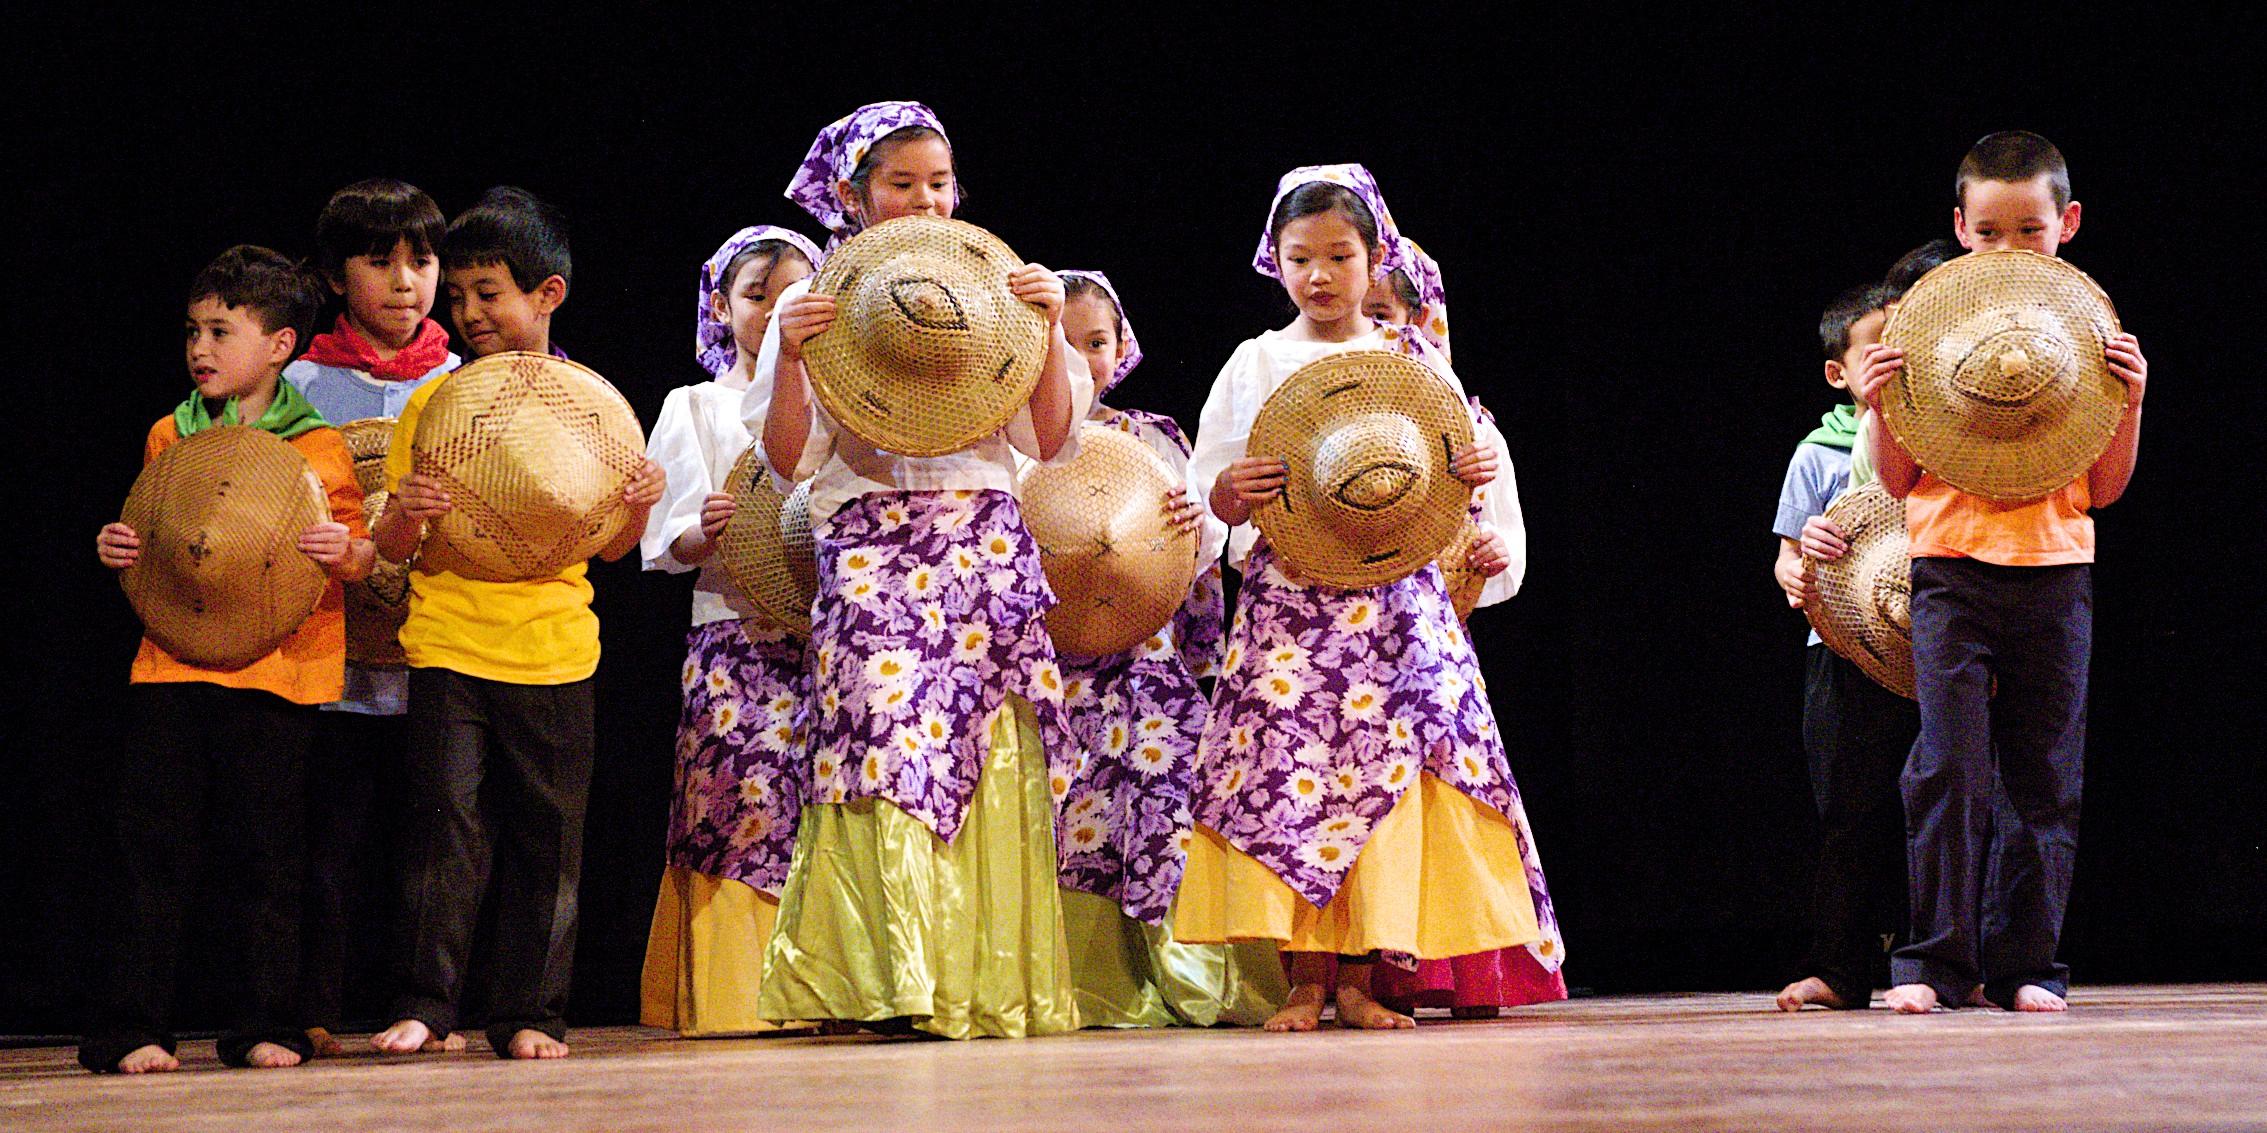 Salakot Dance